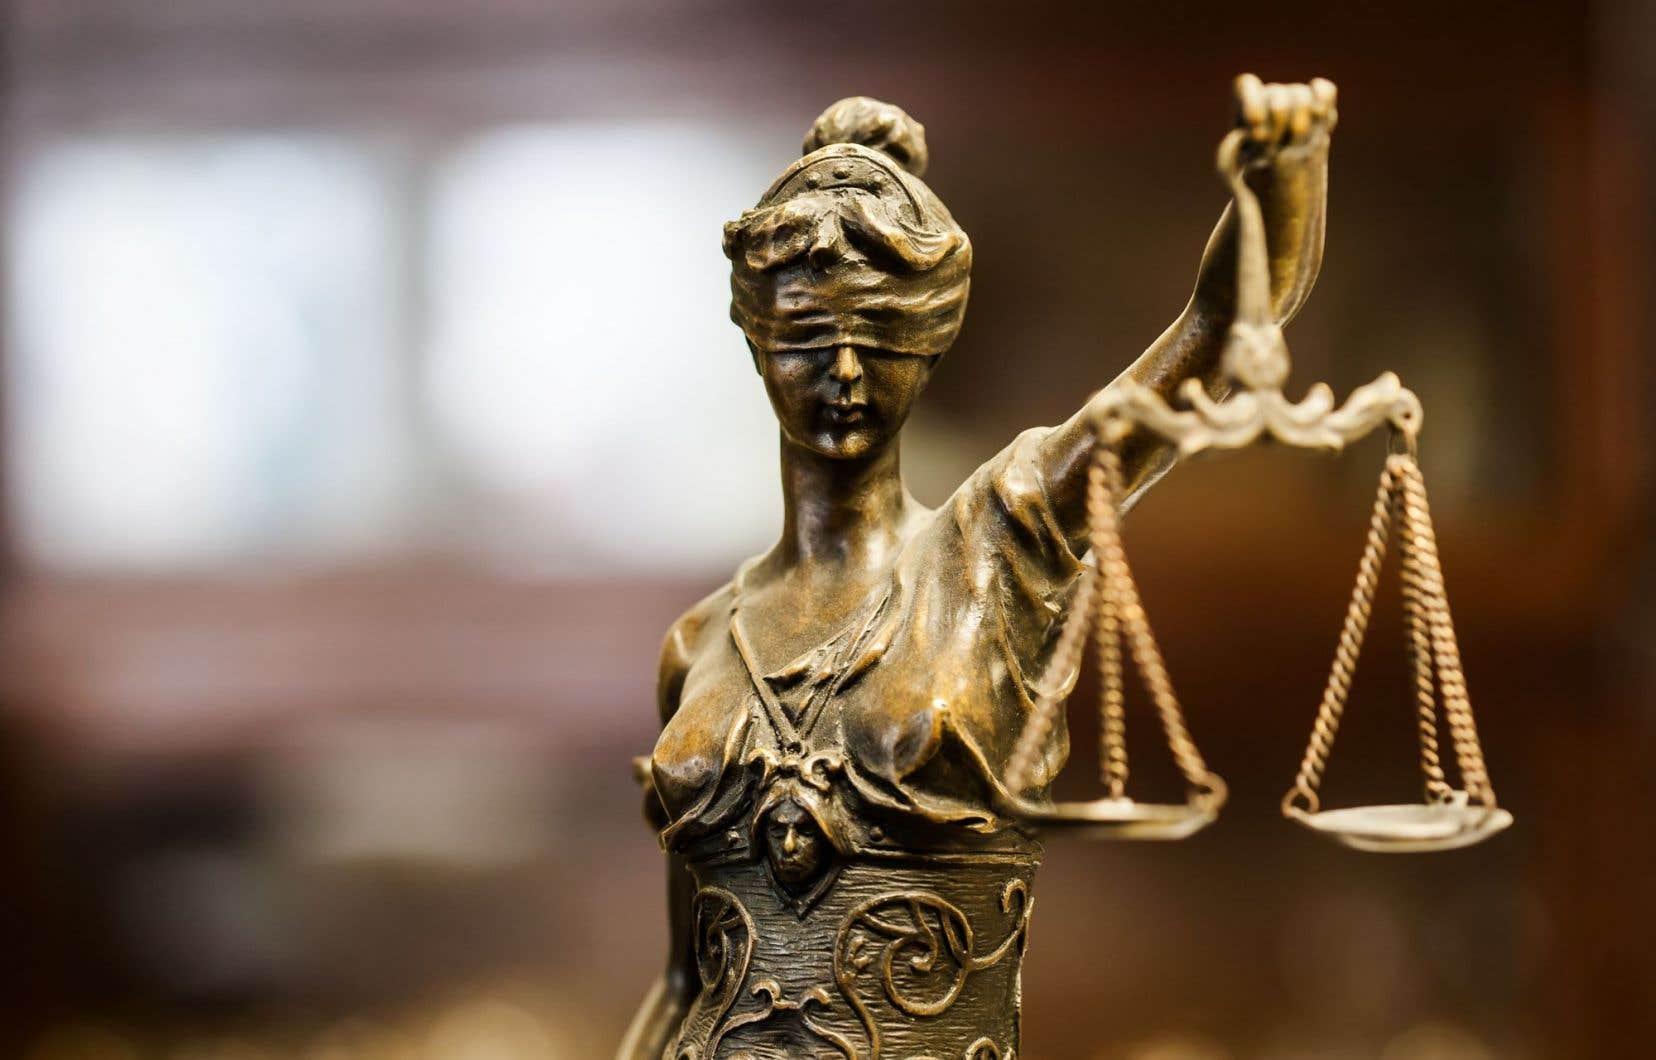 «Le droit ne détient pas le monopole de la vérité, et la vérité juridique n'est pas la vérité absolue», écrit Suzanne Zaccour.